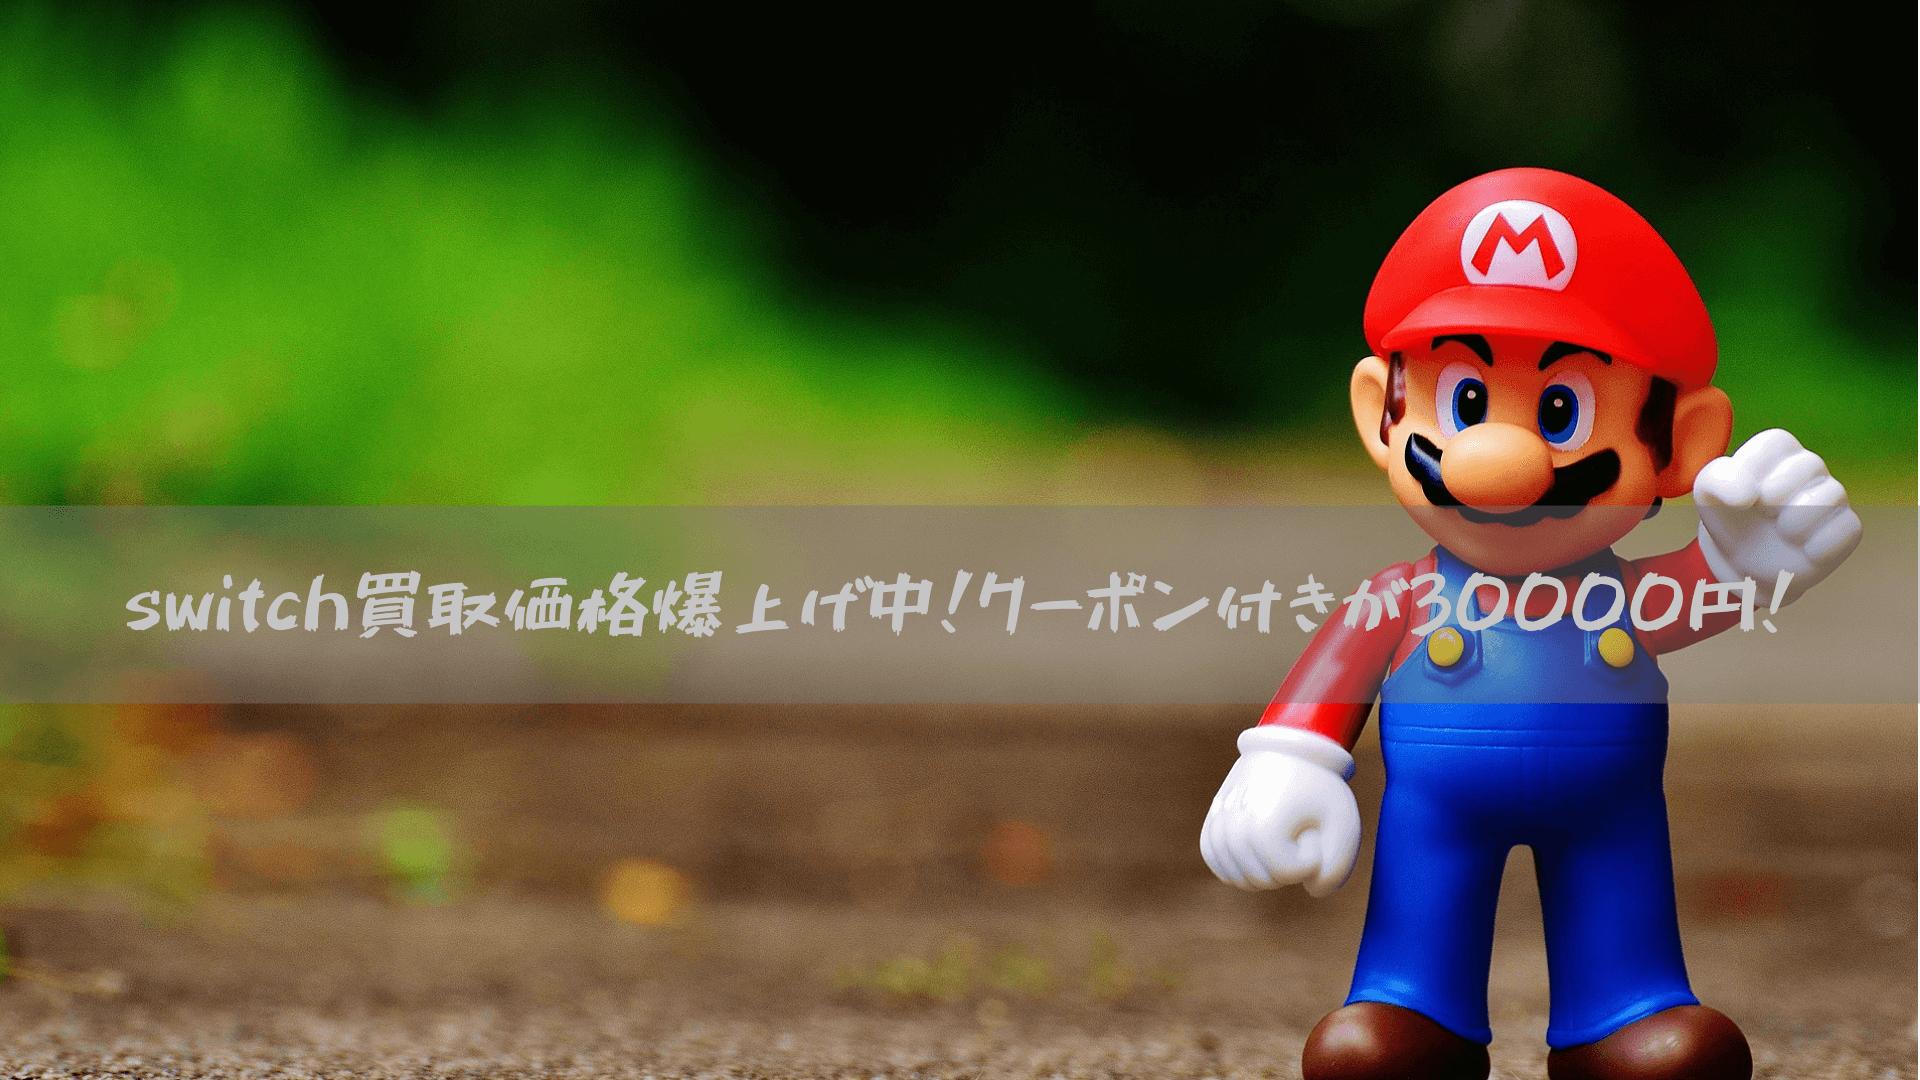 switch買取価格爆上げ中!クーポン付きが30000円!